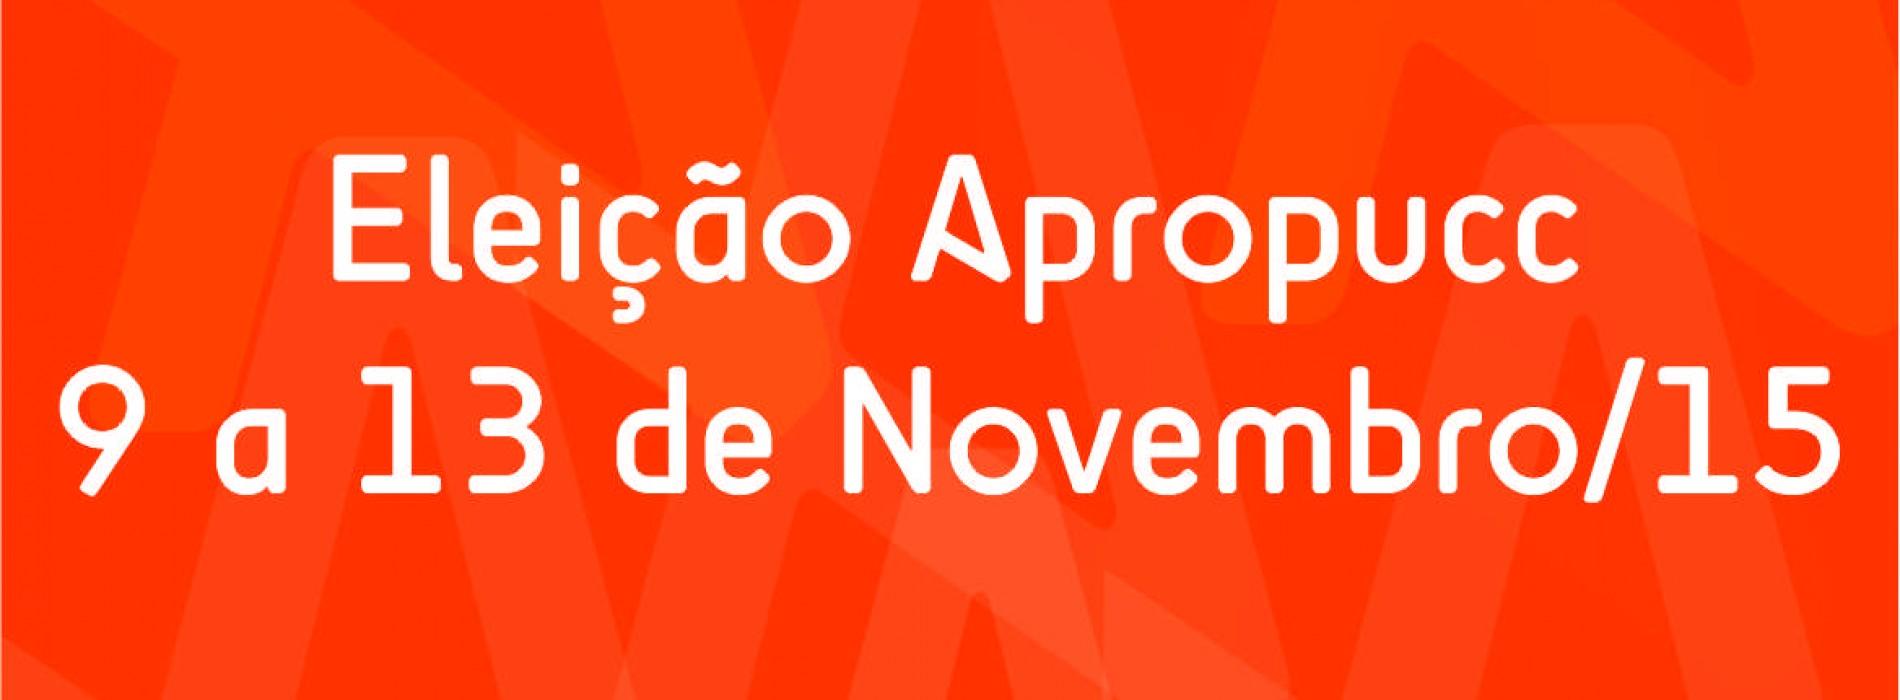 Eleição da nova diretoria da Apropucc começa na próxima segunda-feira (9)